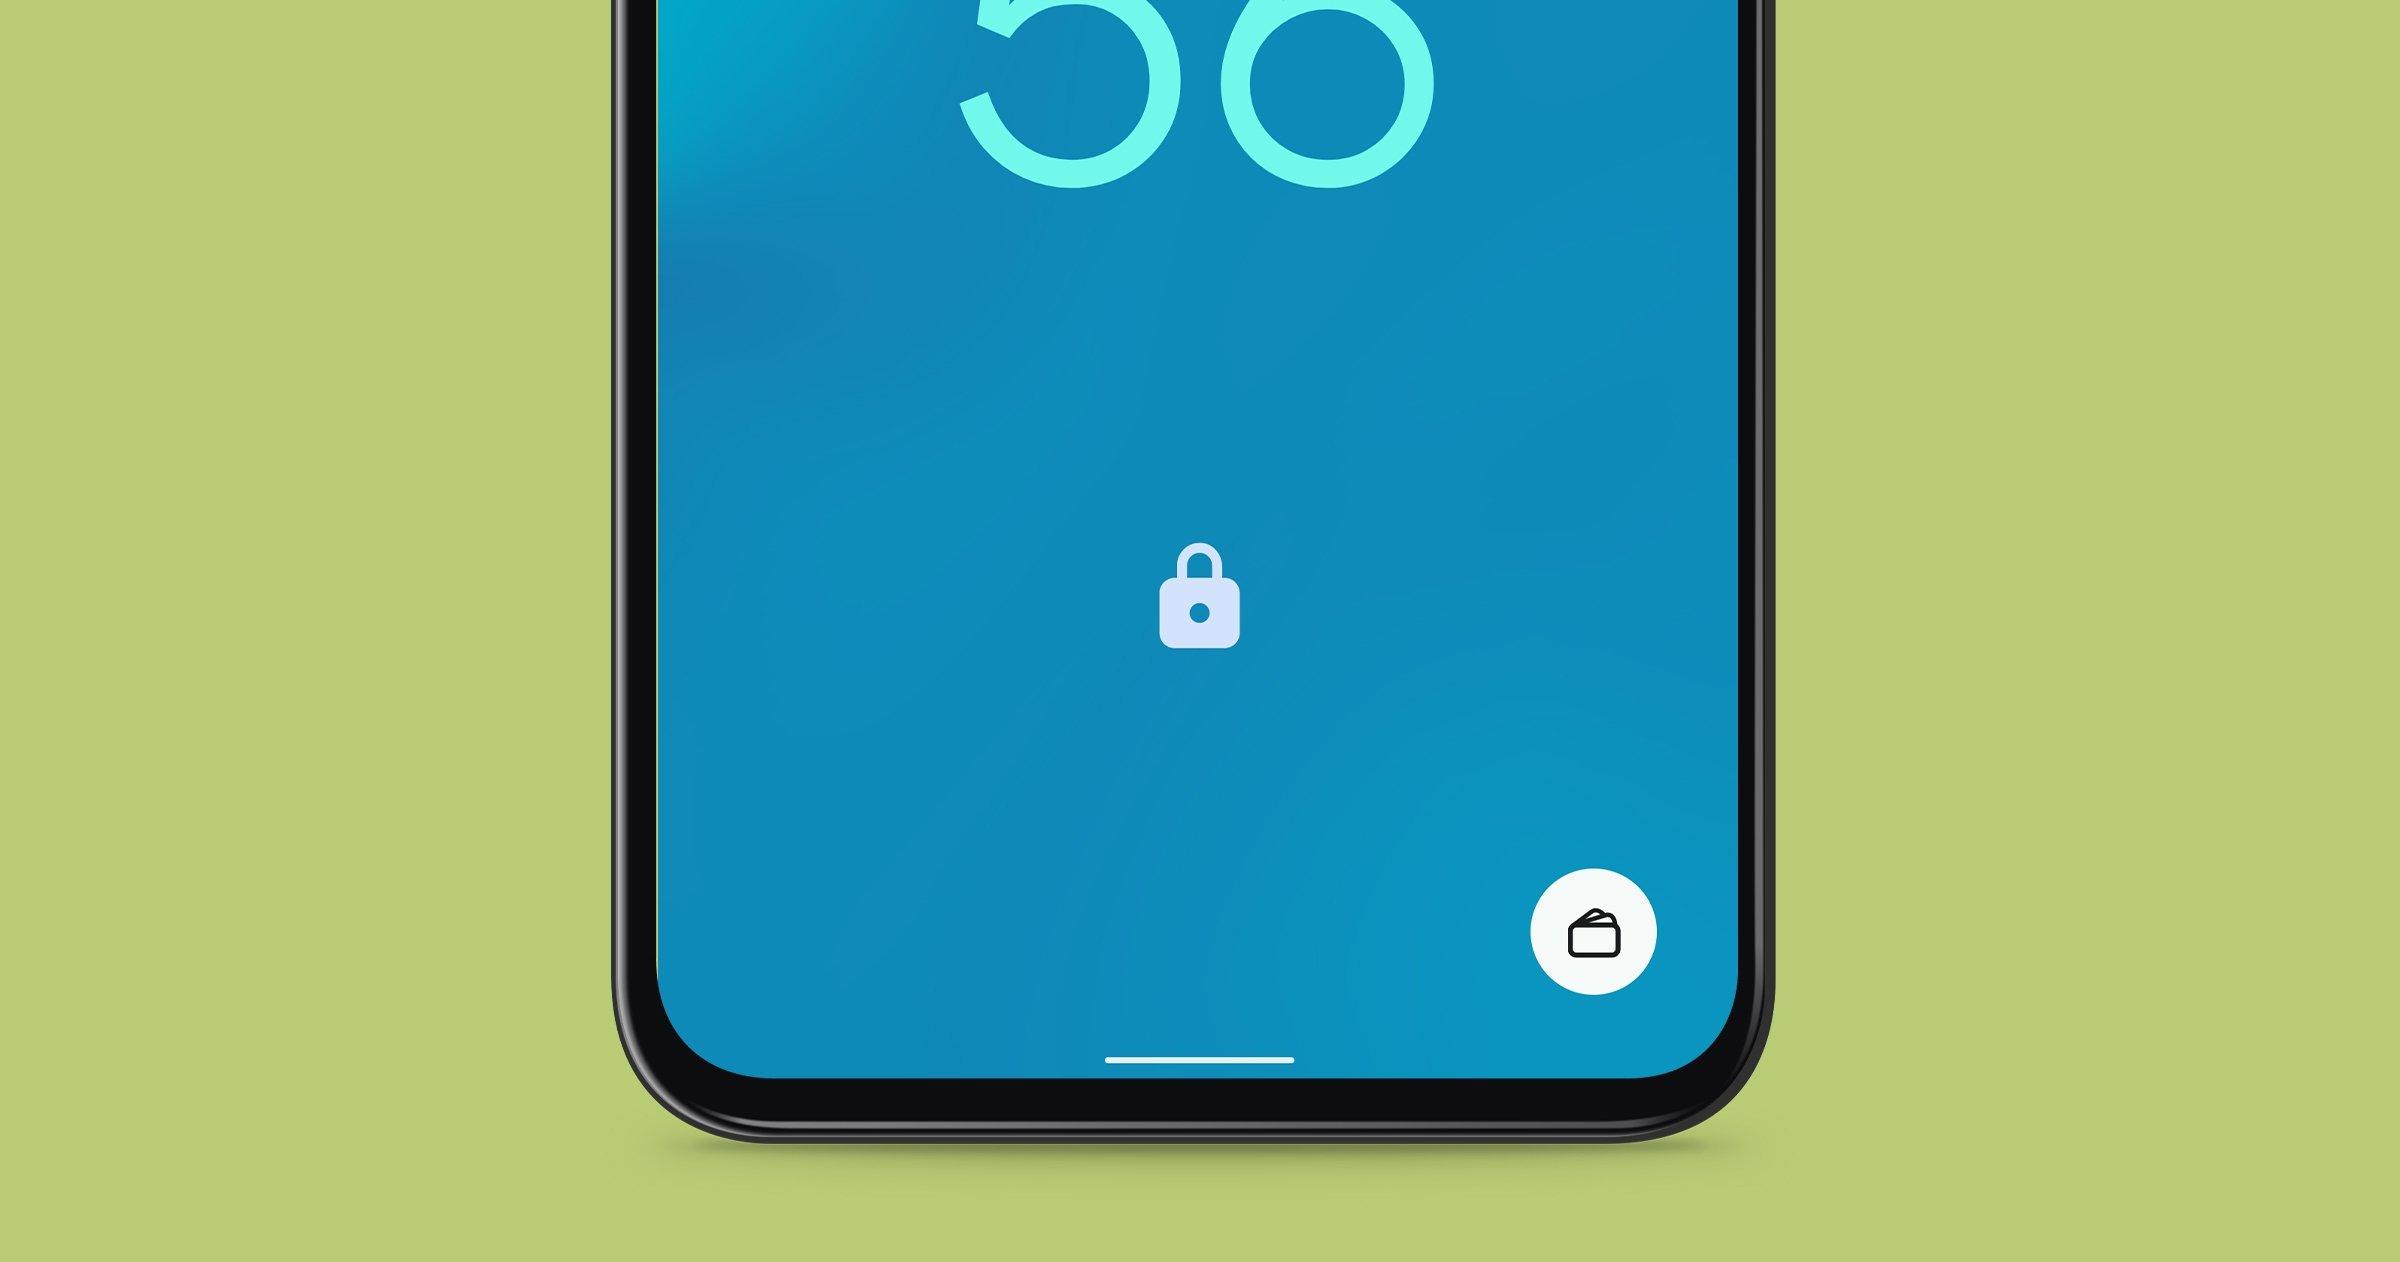 Accéder à Google Pay depuis l'écran de verrouillage d'Android 12